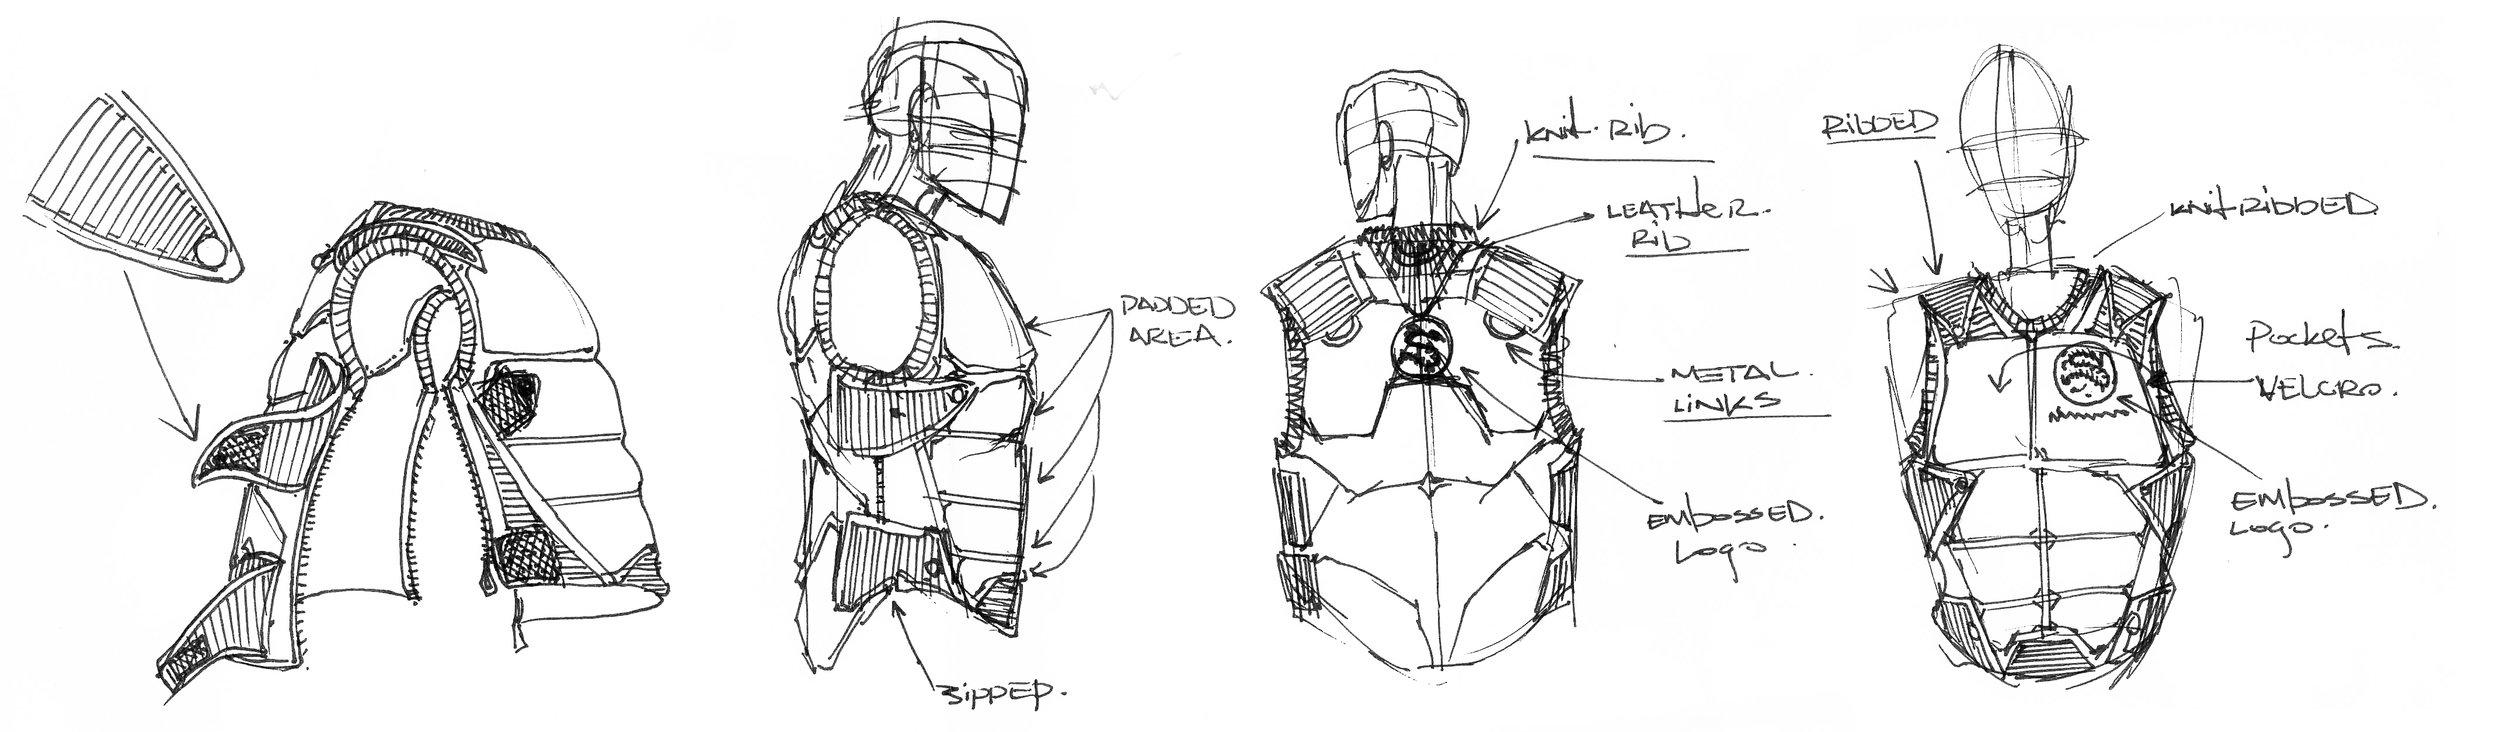 Concept combat vest.